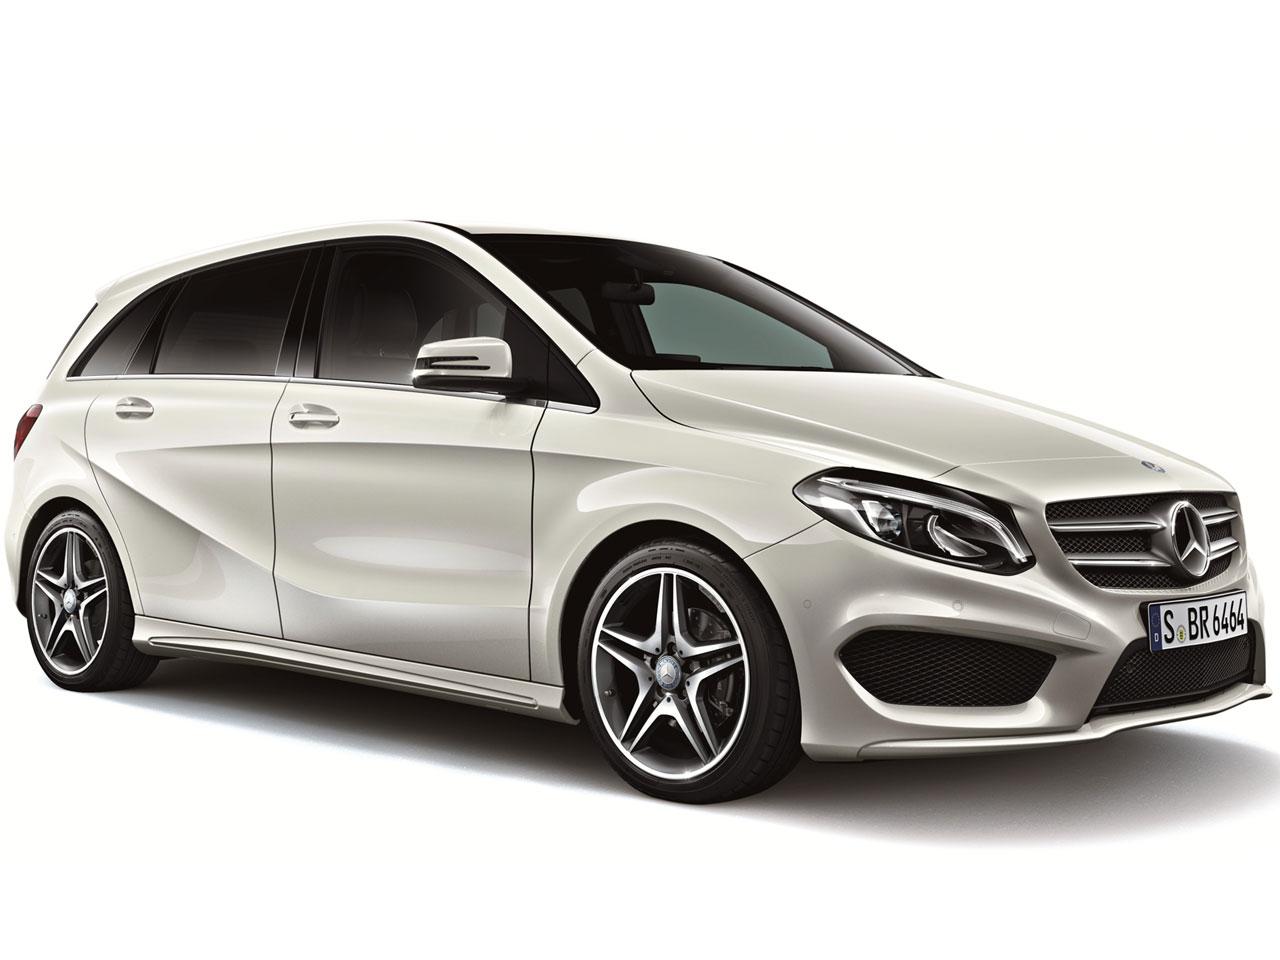 メルセデス・ベンツ Bクラス 2012年モデル 新車画像